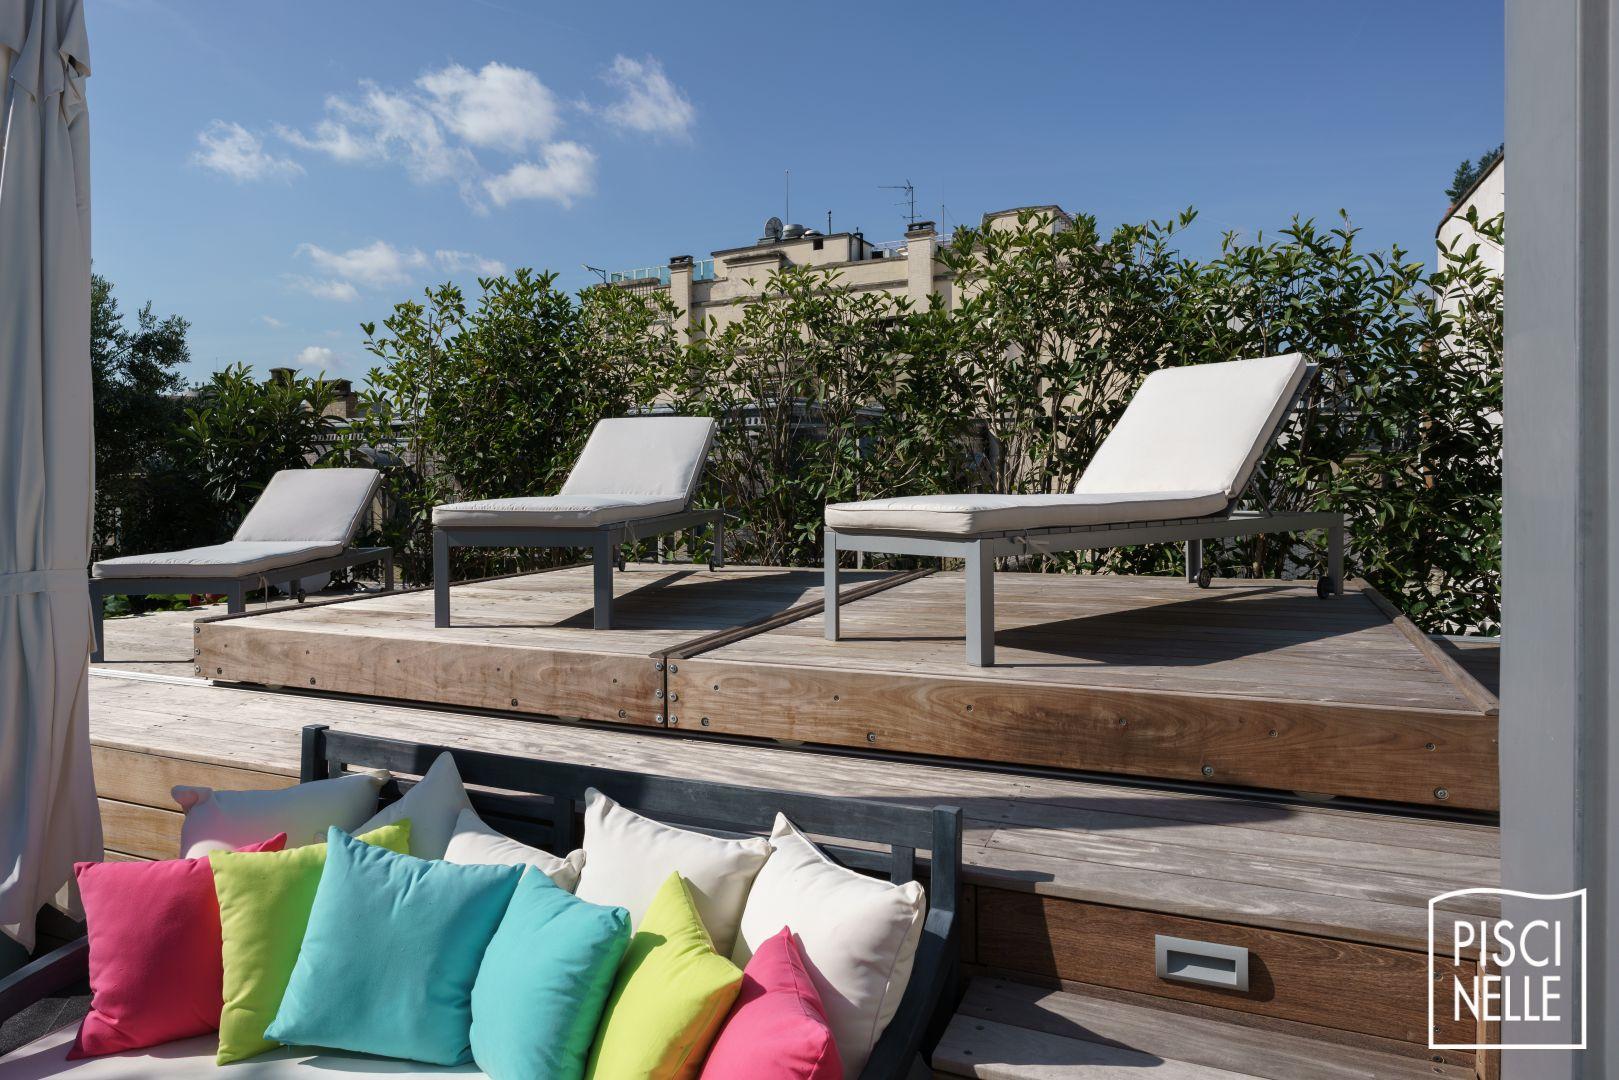 une piscine sur un toit terrasse paris piscinelle. Black Bedroom Furniture Sets. Home Design Ideas